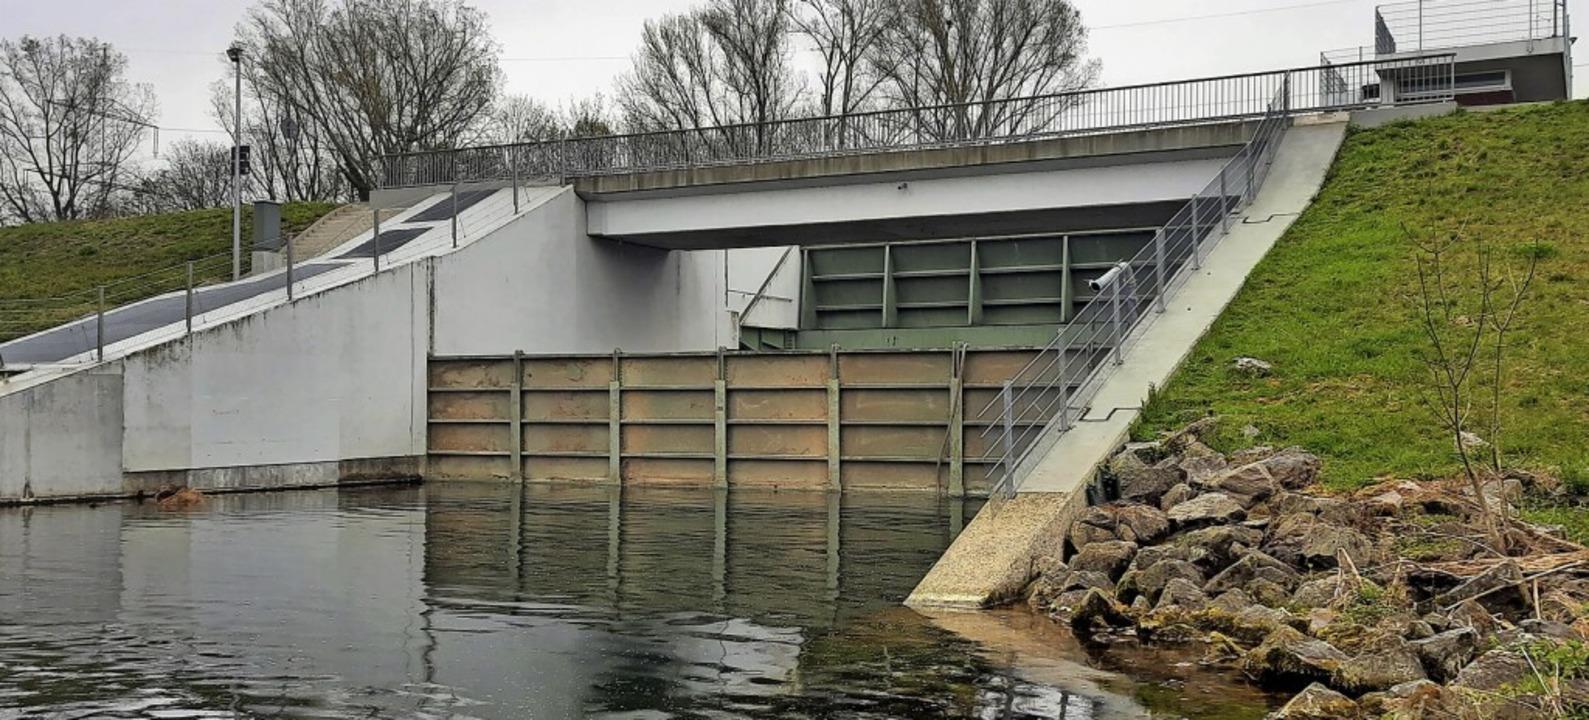 Am Möhlinwehr wurde ein provisorischer Verschluss eingebaut.  | Foto: Regierungspräsidium Freiburg